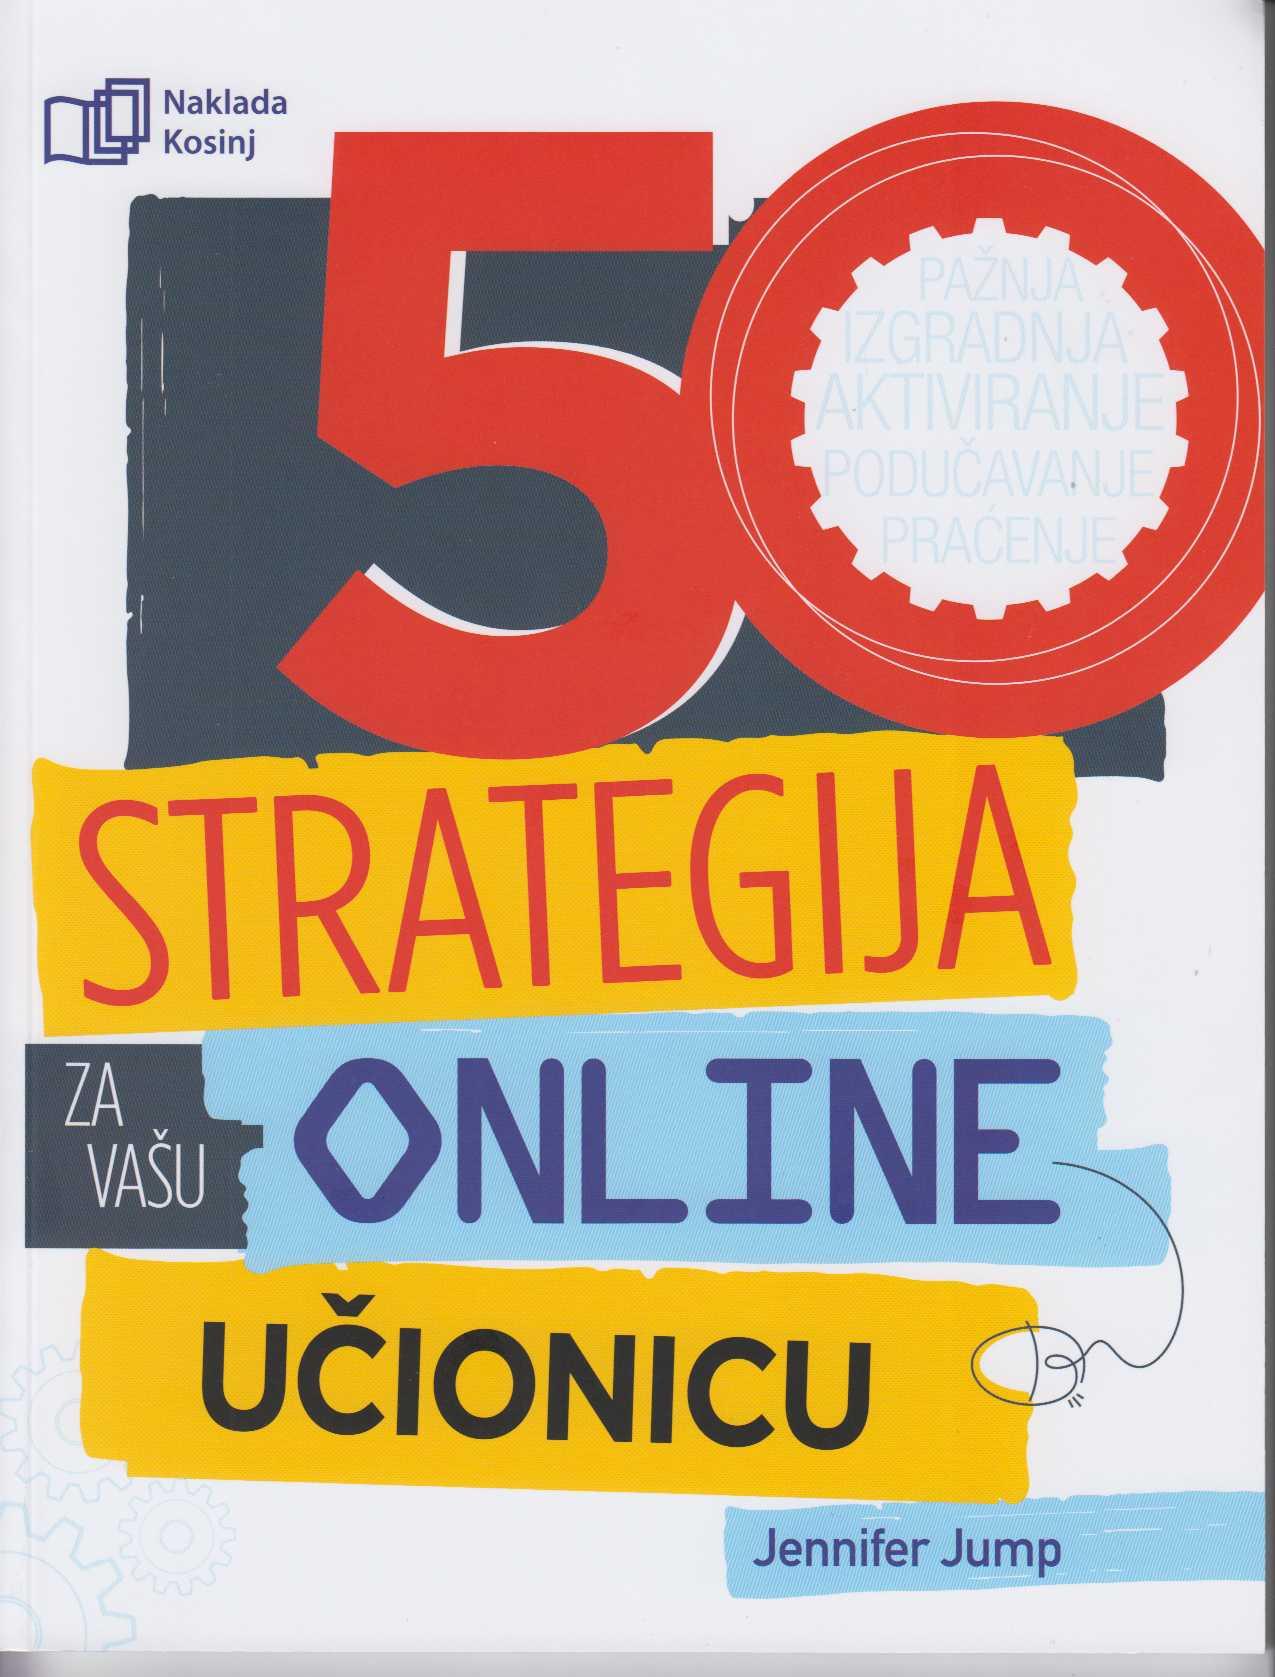 50 strategije za vašu online učionicu